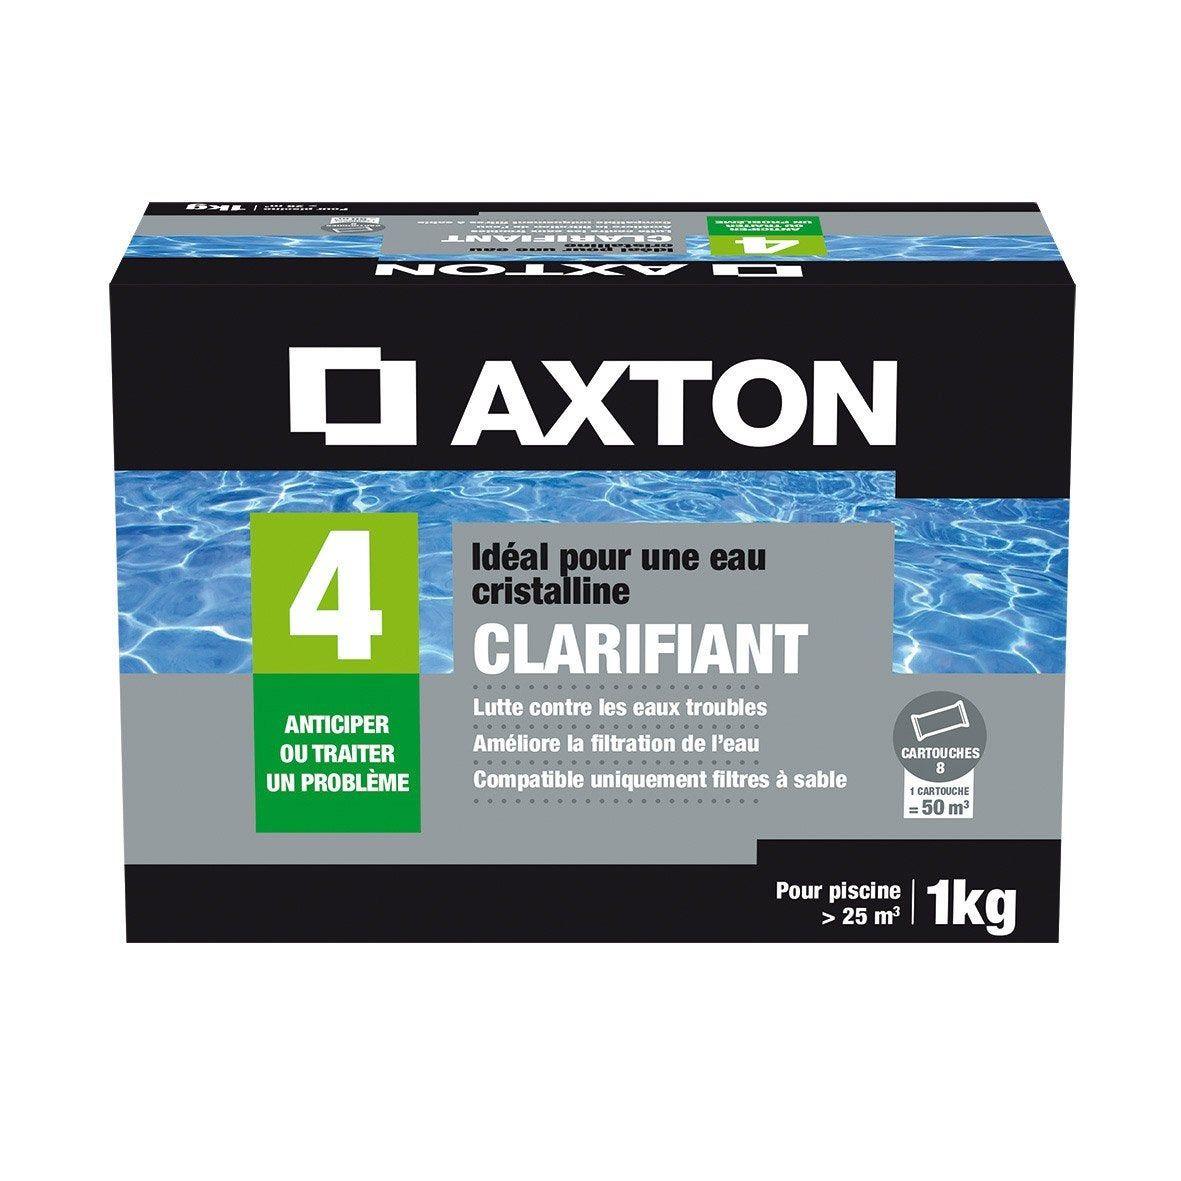 Clarifiant Piscine Axton Tube 1 Kg Traitement Des Eaux Piscine Filtre A Sable